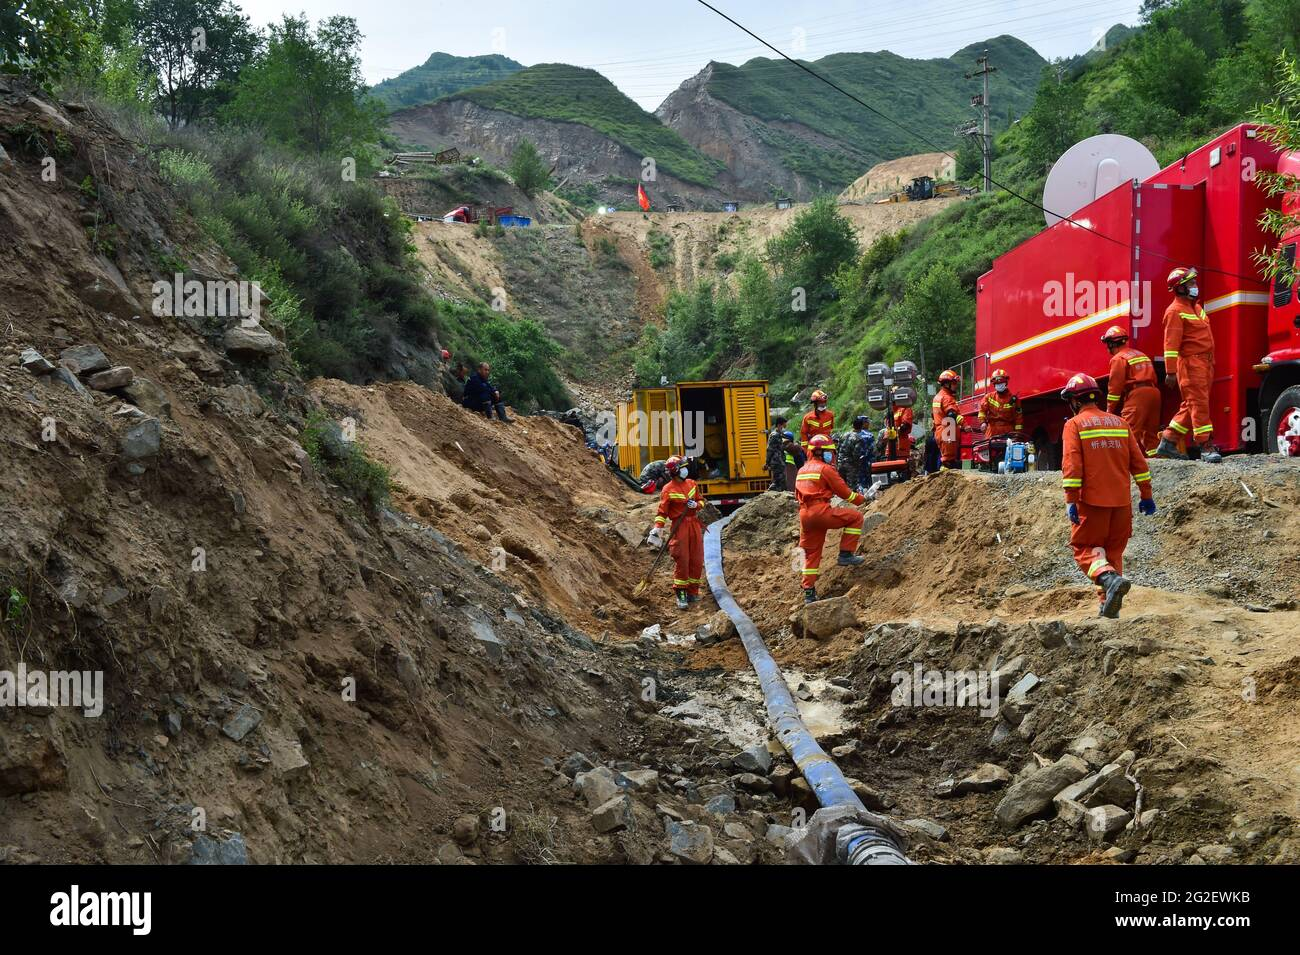 Daixian, provincia cinese di Shanxi. 11 Giugno 2021. I soccorritori lavorano nel luogo di incidente di un'inondazione di miniera di ferro nella contea di Daixian, nella provincia di Shanxi, nella Cina settentrionale, il 11 giugno 2021. Tredici persone sono state intrappolate in una miniera di ferro alluvione nella provincia di Shanxi del nord della Cina, le autorità locali hanno detto Giovedi. Il lavoro di salvataggio è in corso. Credit: Chai Ting/Xinhua/Alamy Live News Foto Stock